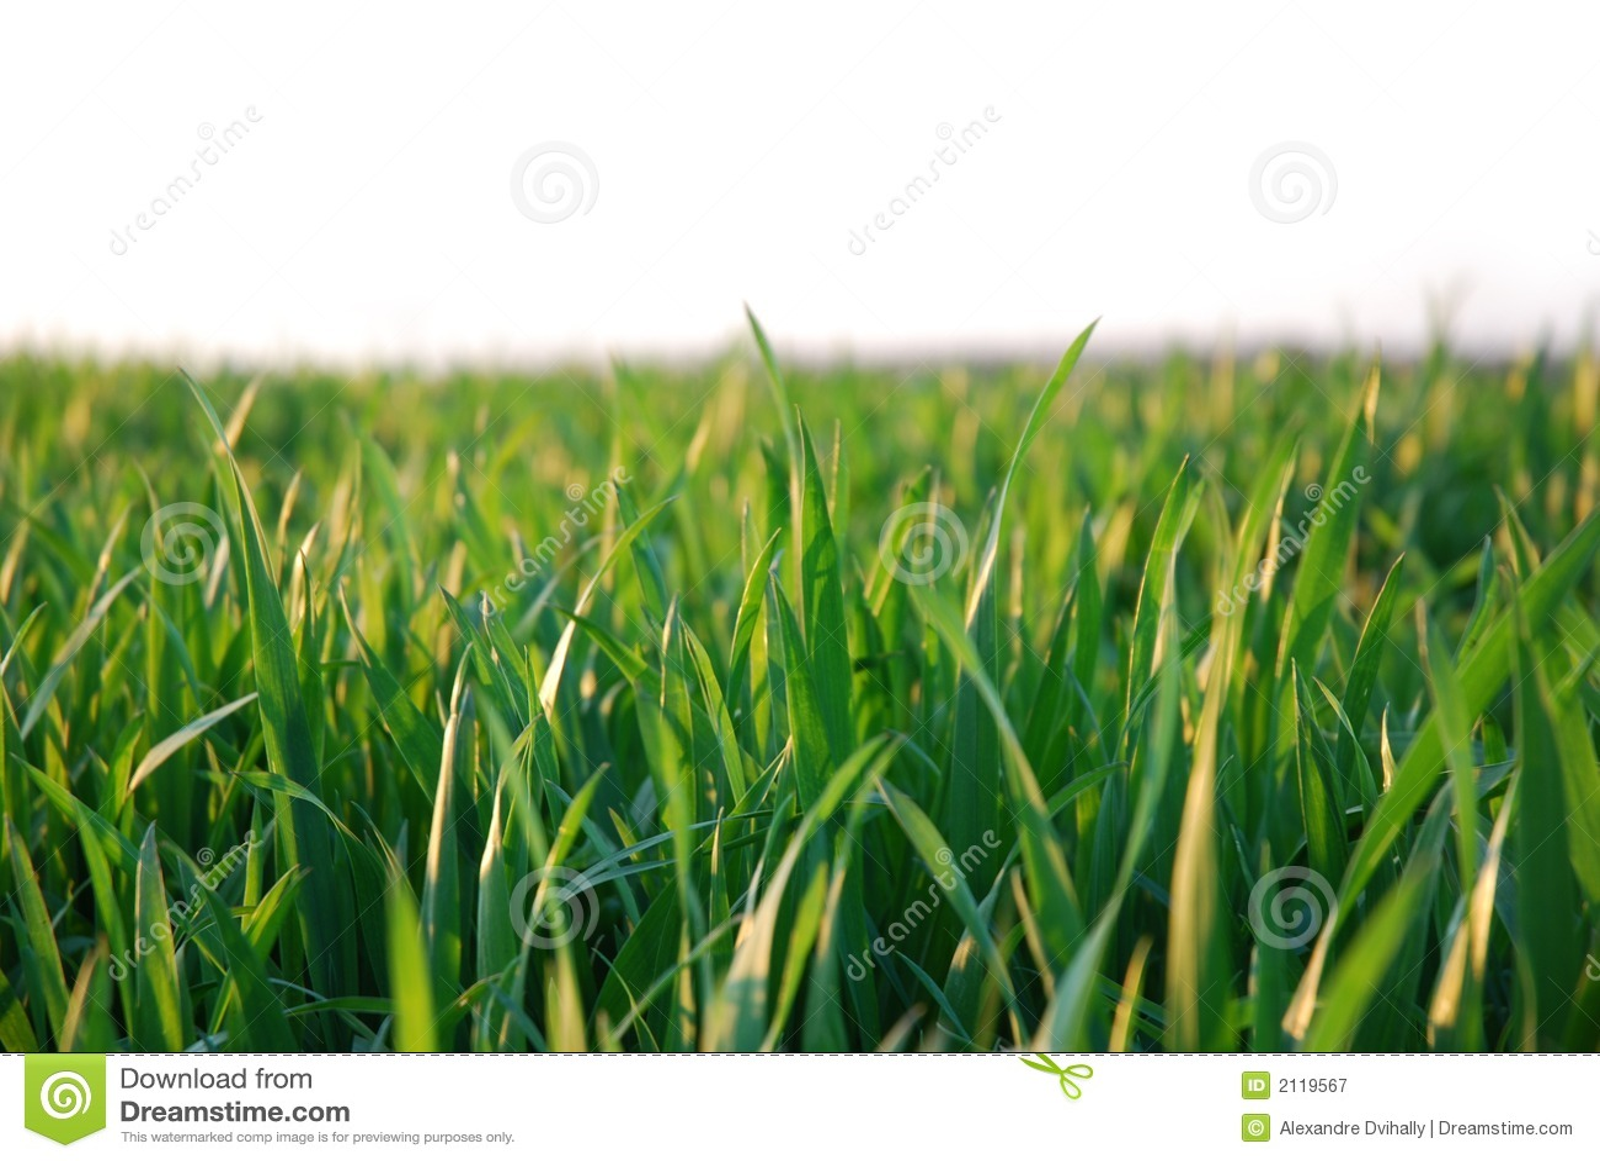 Groen gras, witte achtergrond royalty vrije stock fotografie ...